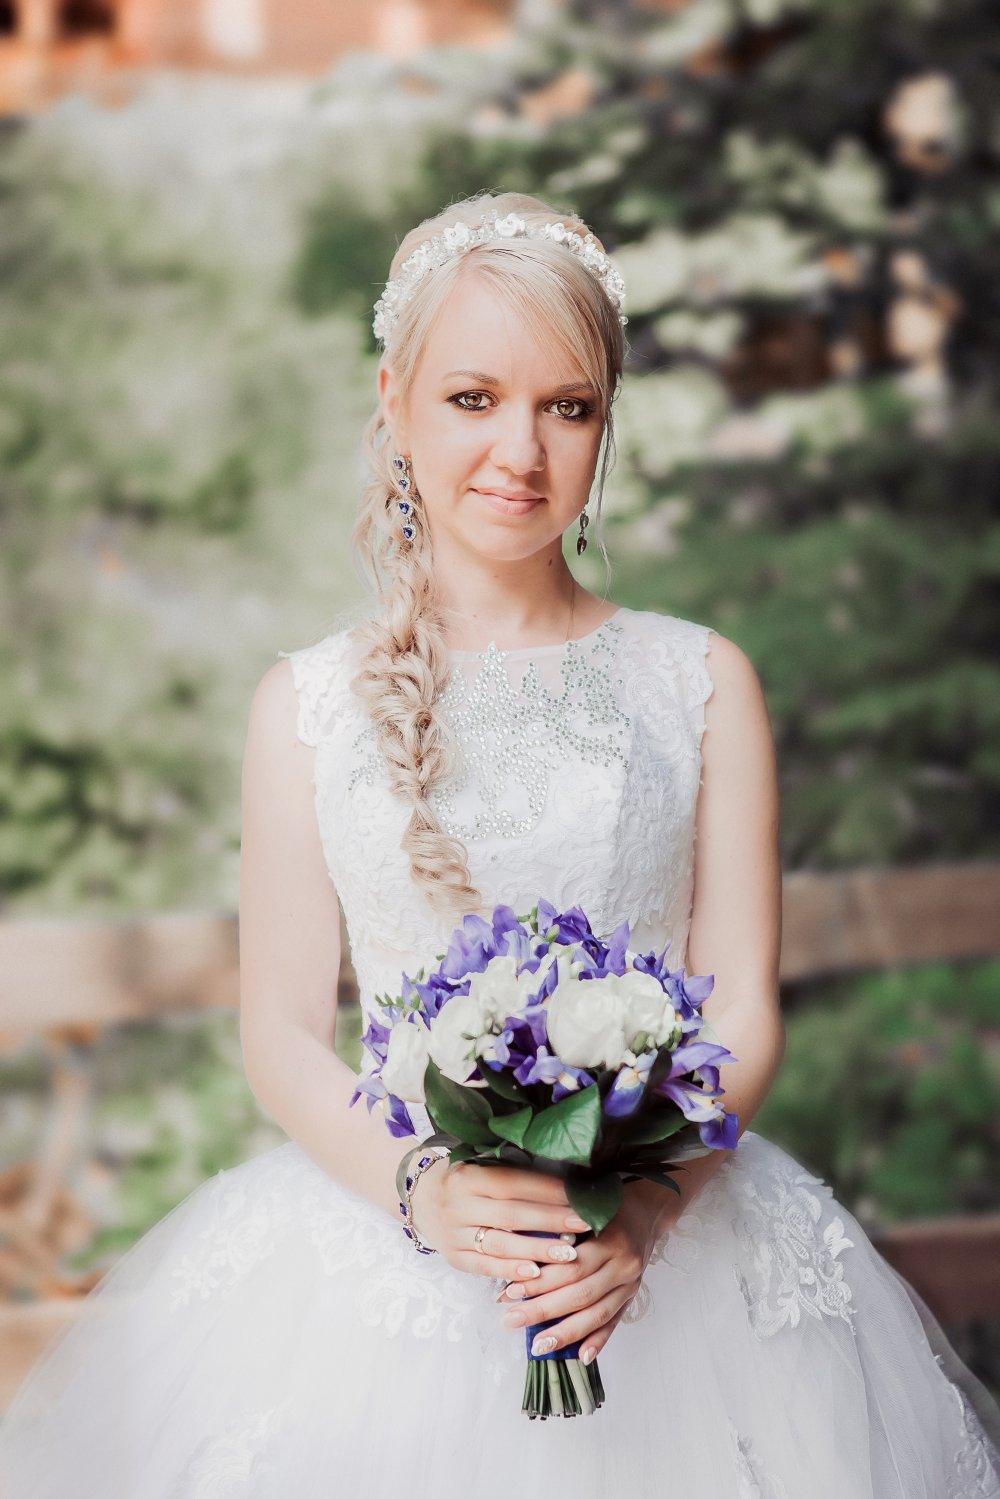 фотограф татьяна соловьева коломна привязаны моде, потому